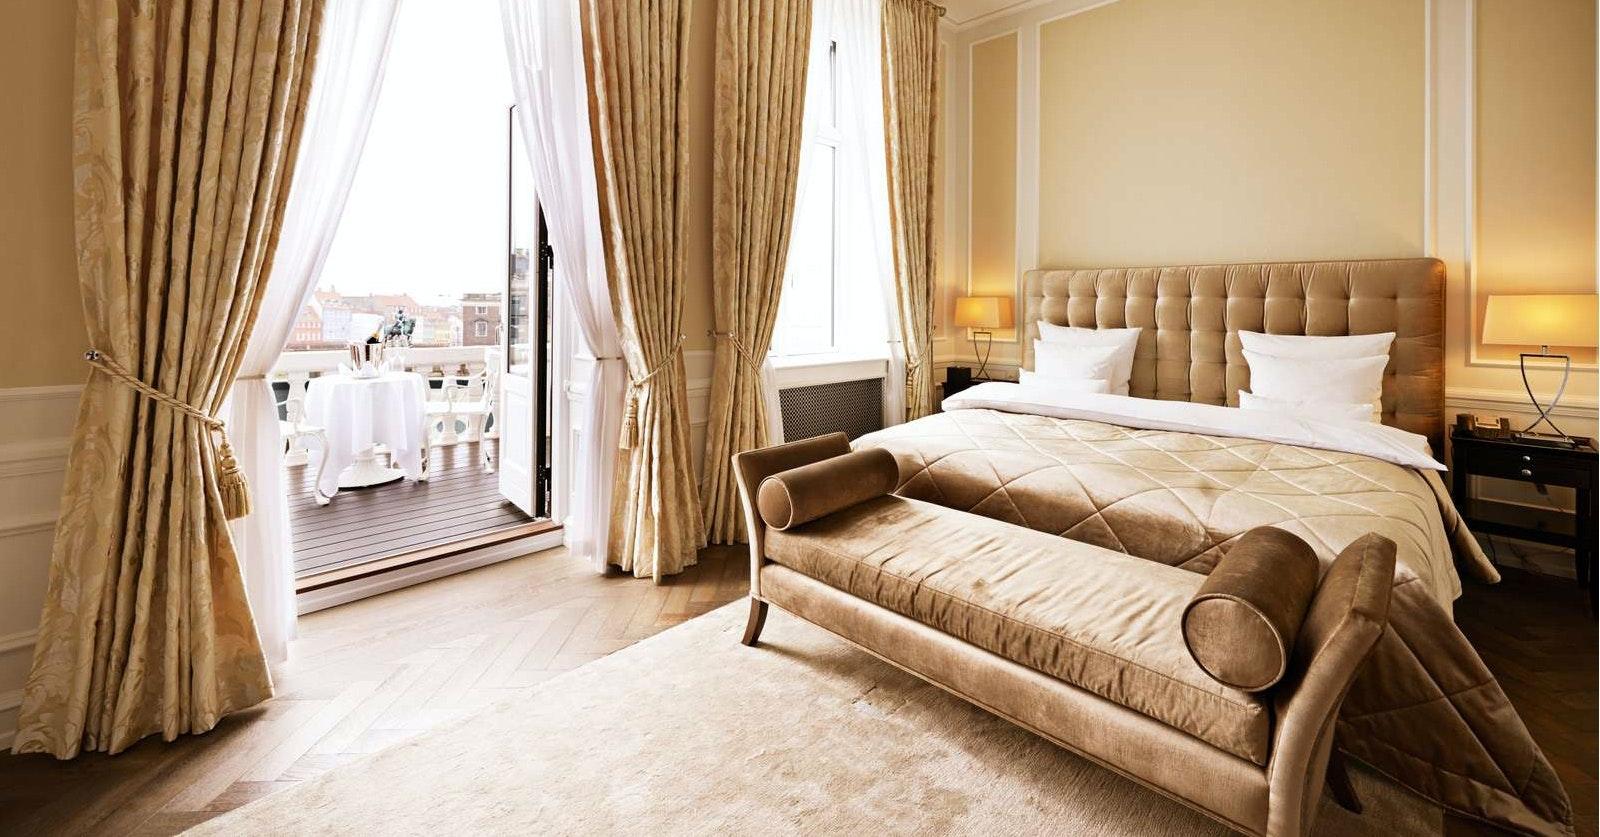 Picture of: 5 Rad Fa Hotelstil I Sovevaerelset Bobedre Dk